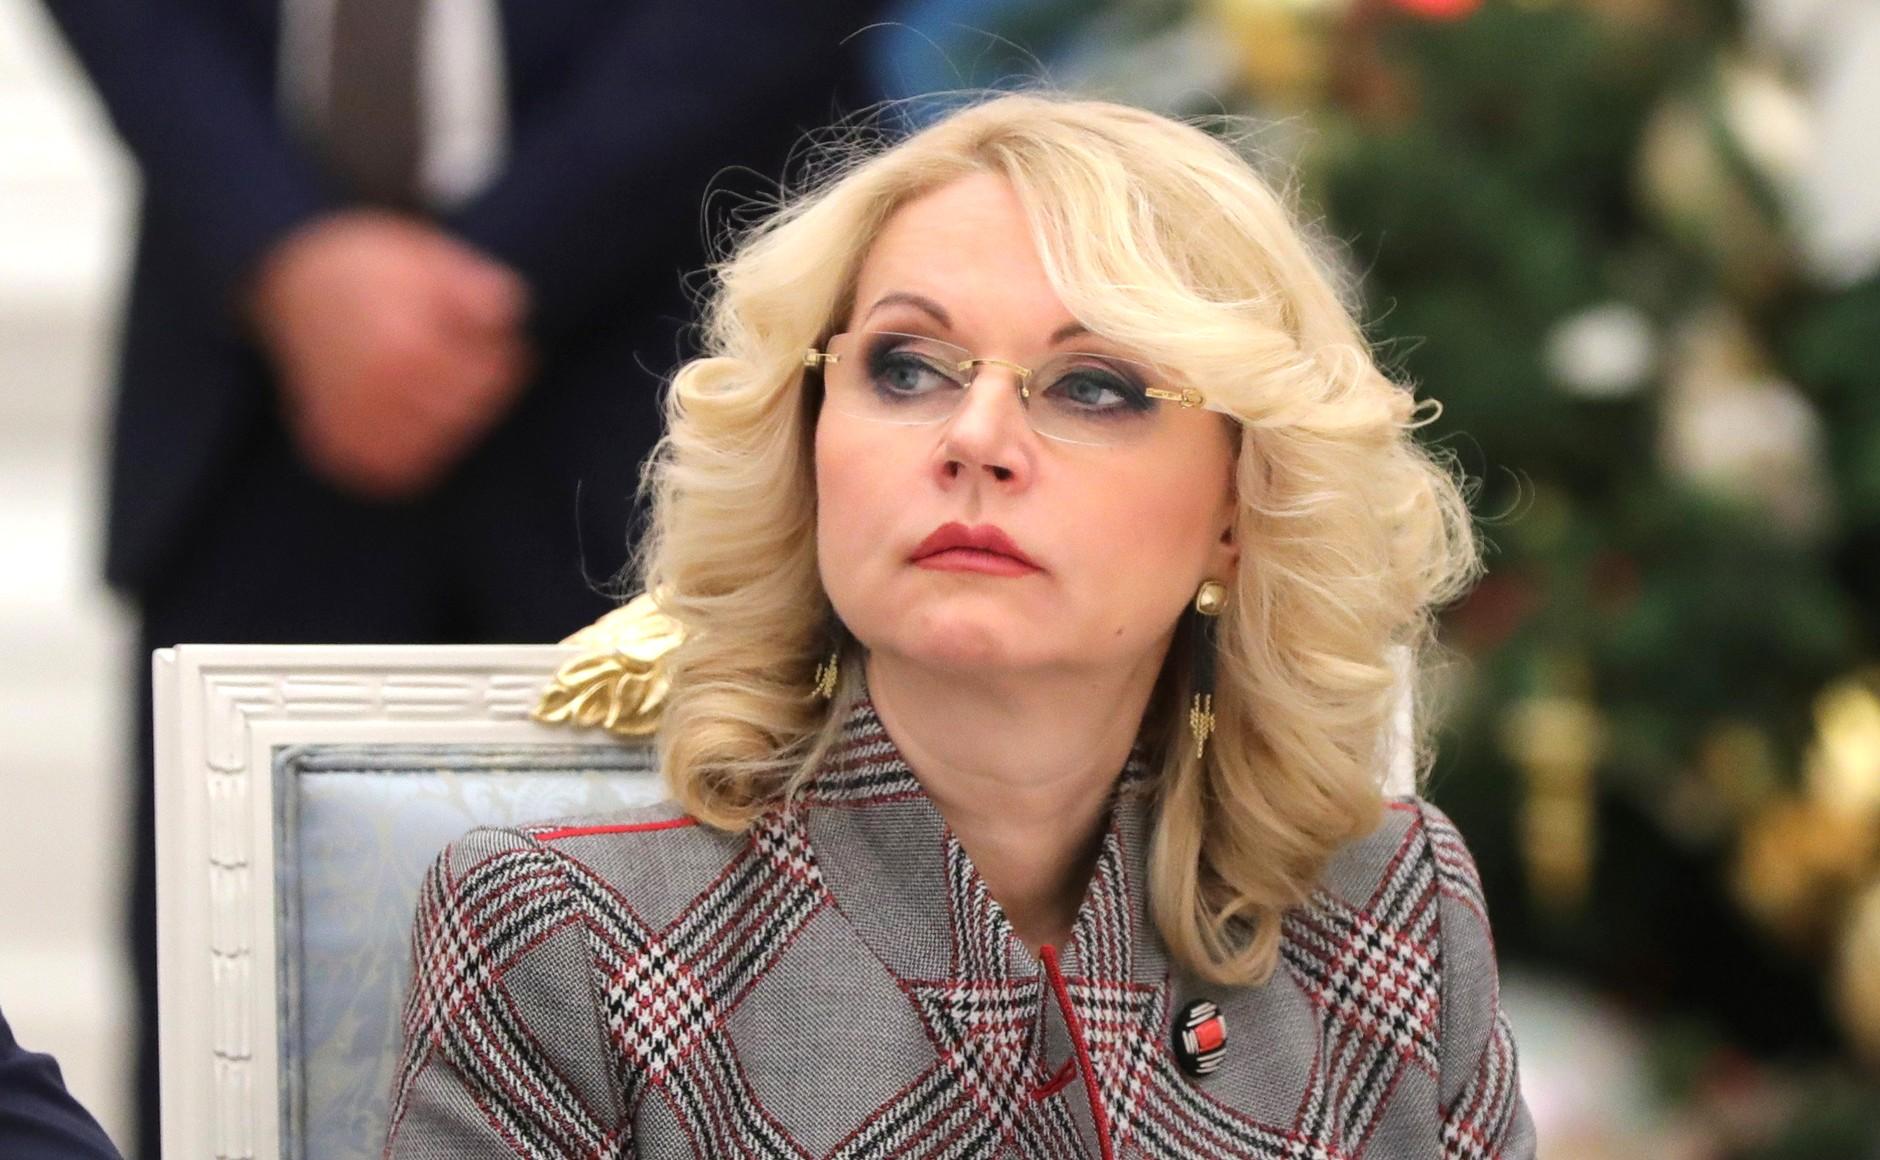 Председатель Счётной палаты Татьяна Голикова на заседании Совета по стратегическому развитию и приоритетным проектам.